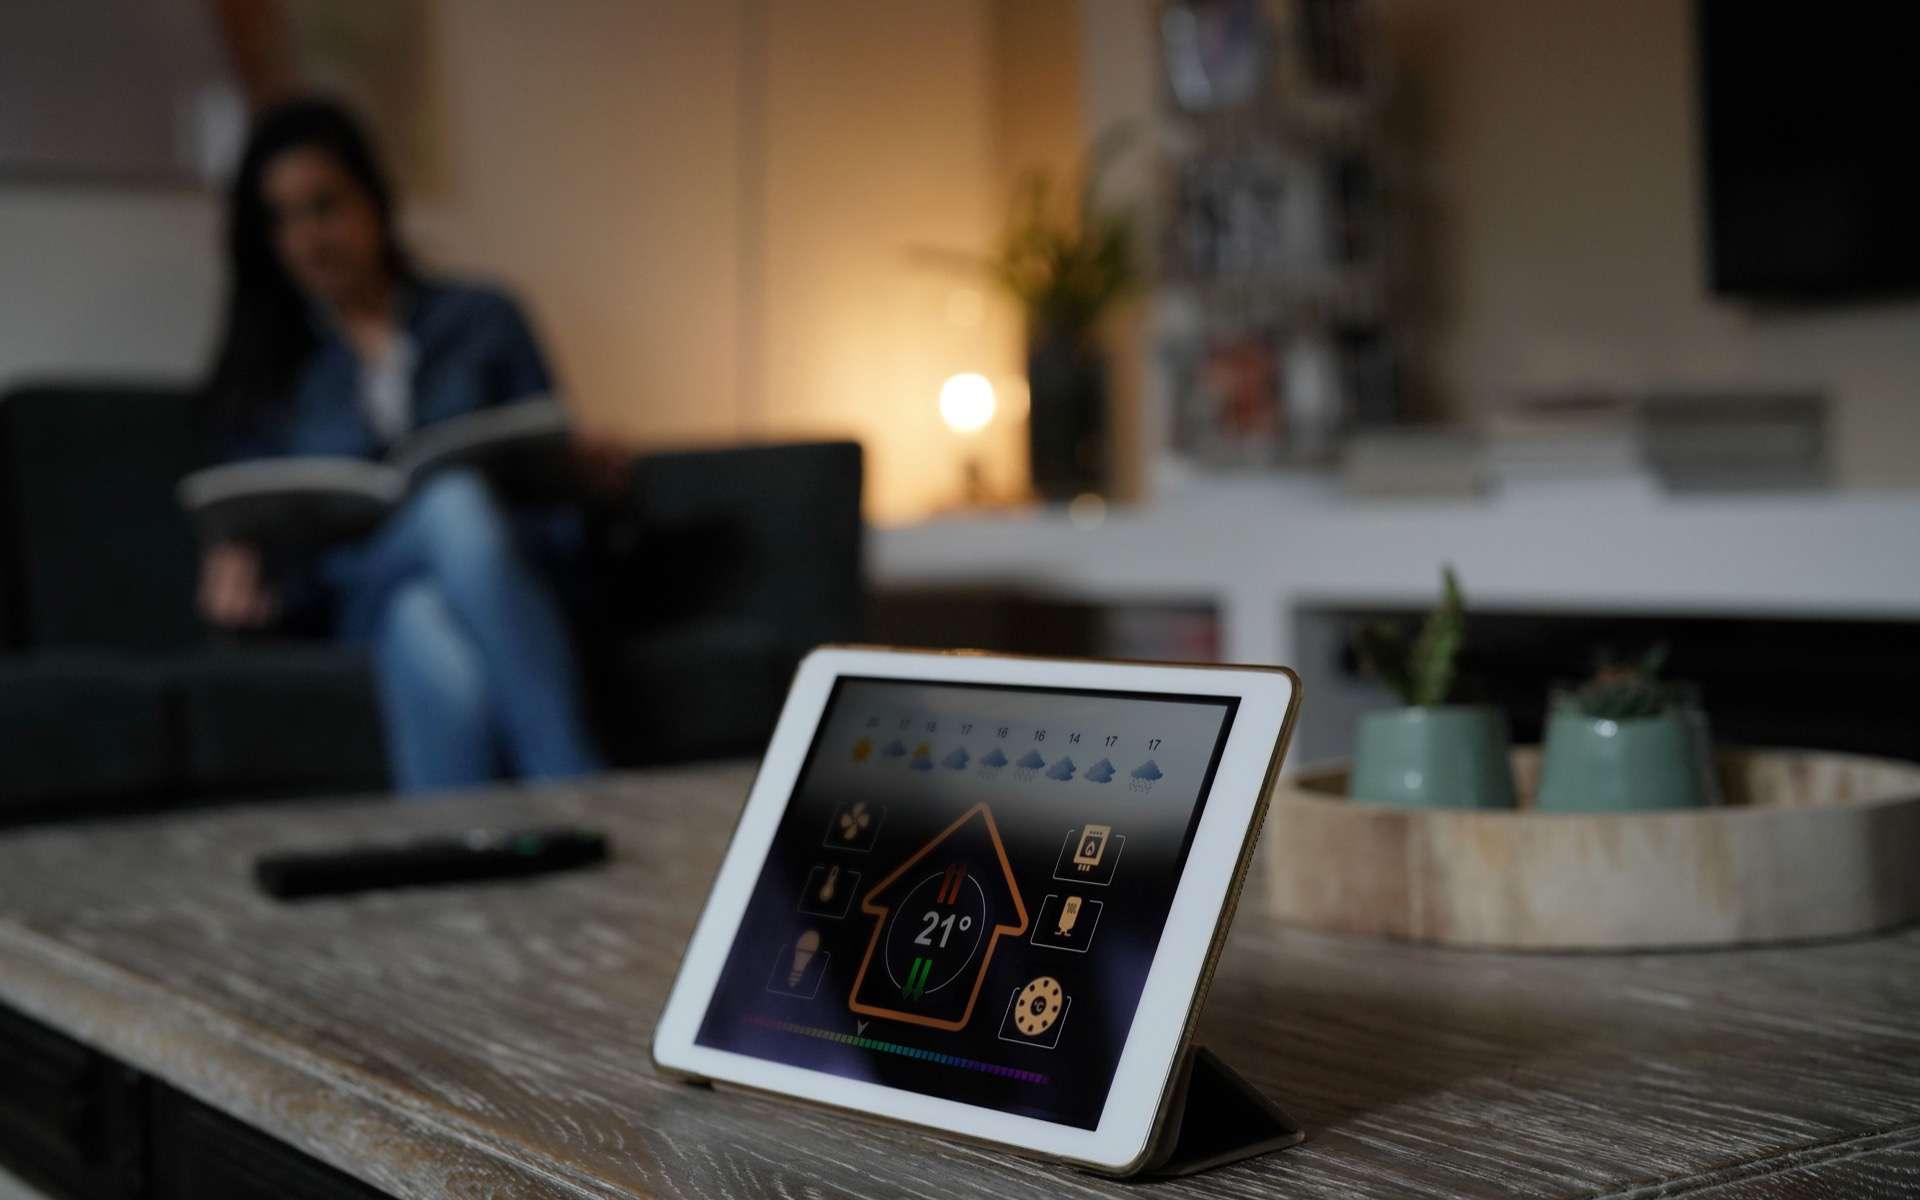 Domotique, smart home et maison connectée, voici les définitions et applications des technologies au service de nos maisons. © goodluz, Adobe Stock